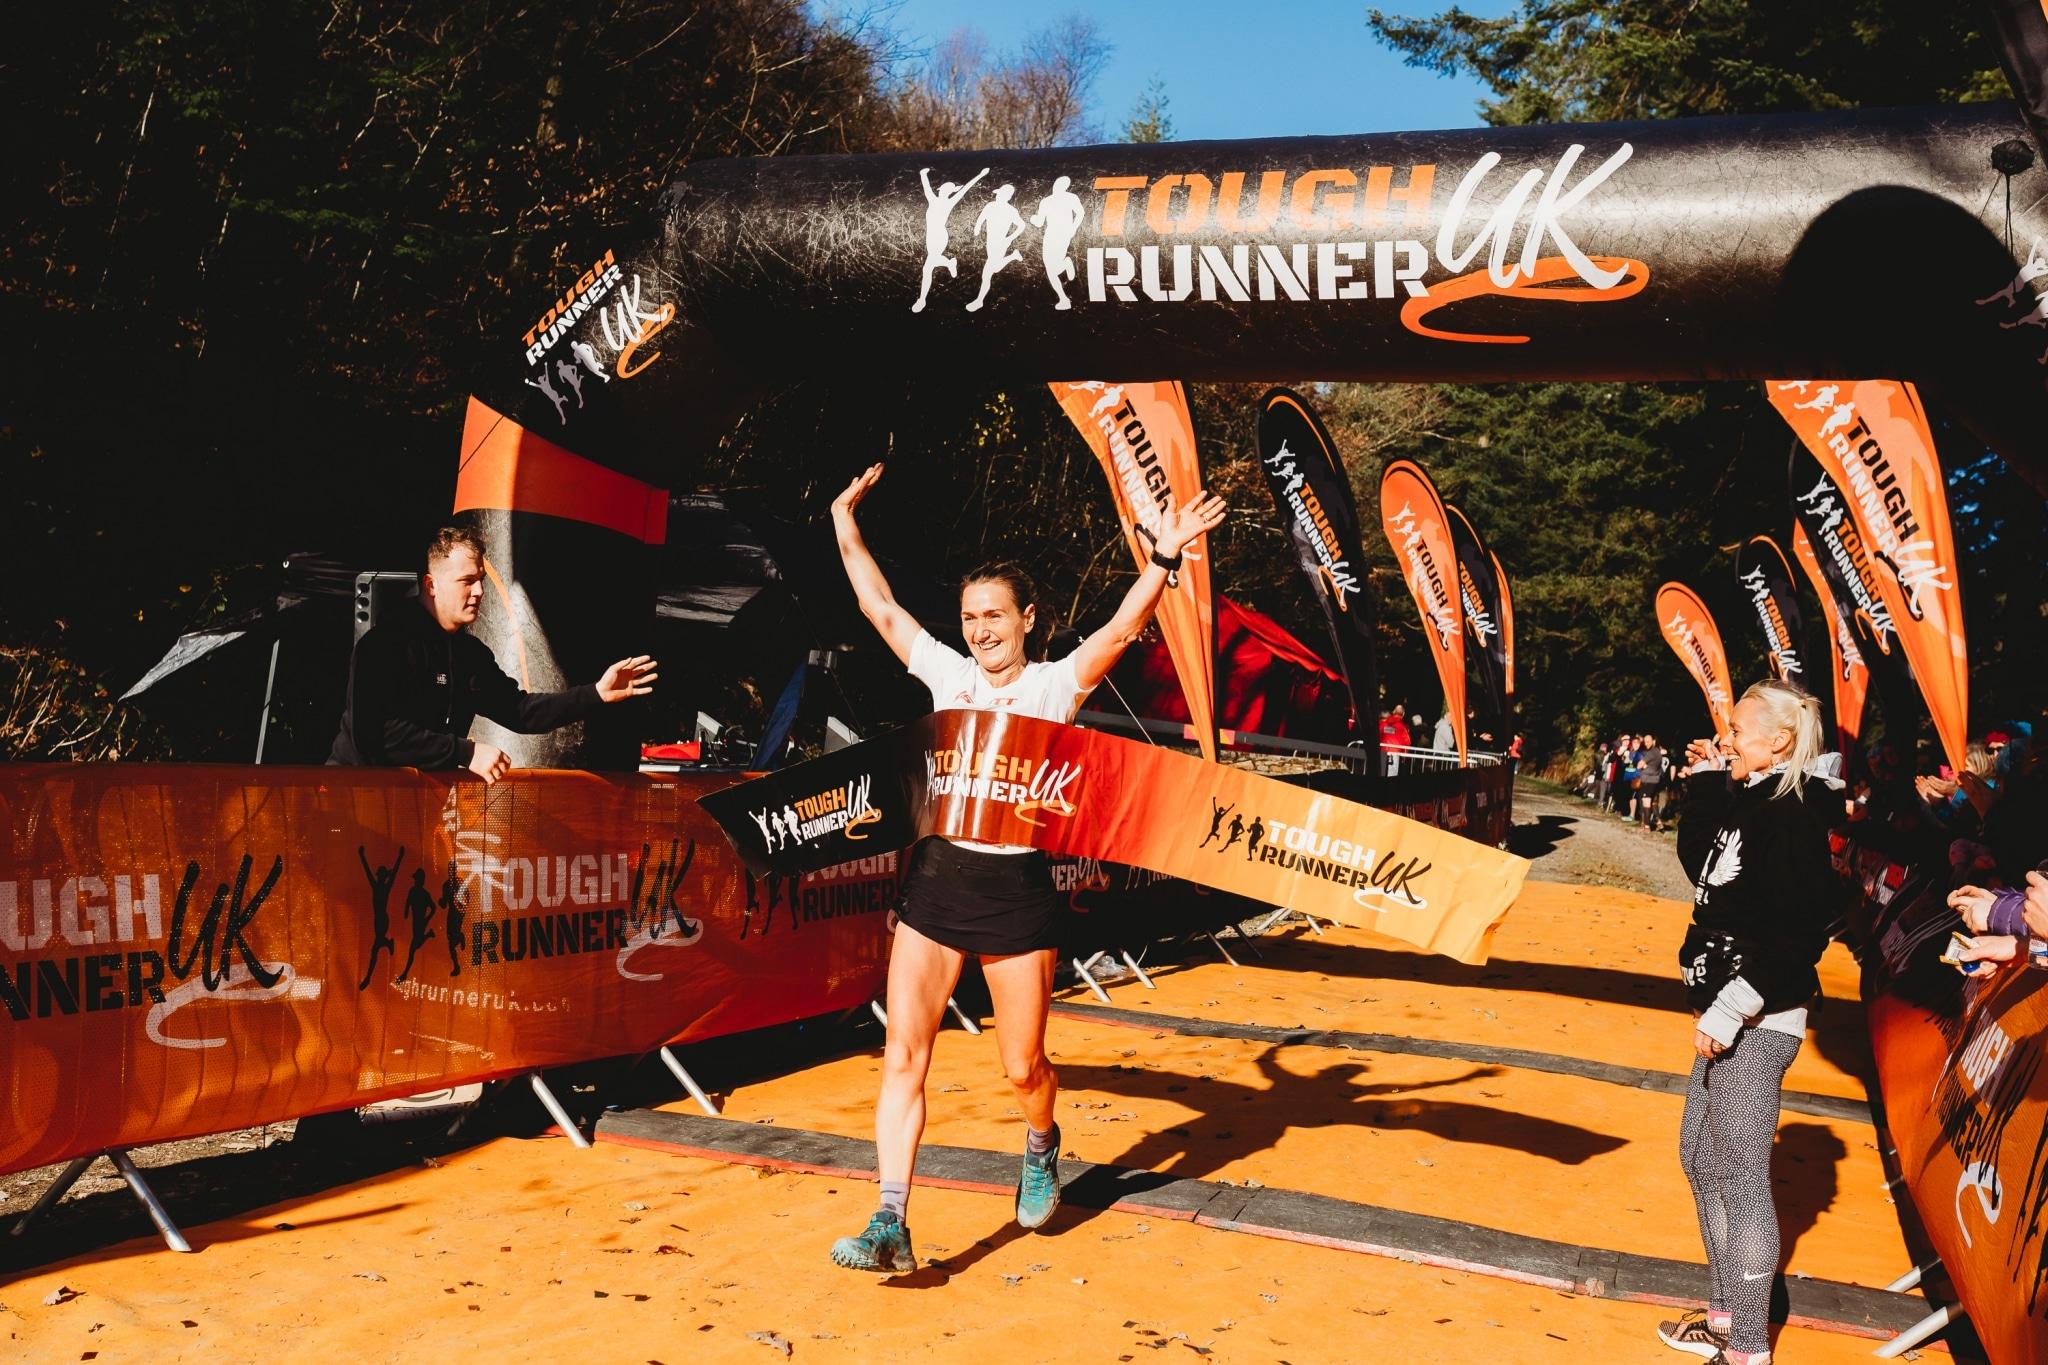 tough-runner-uk-brechfa-leeshawilliamsphoto-209